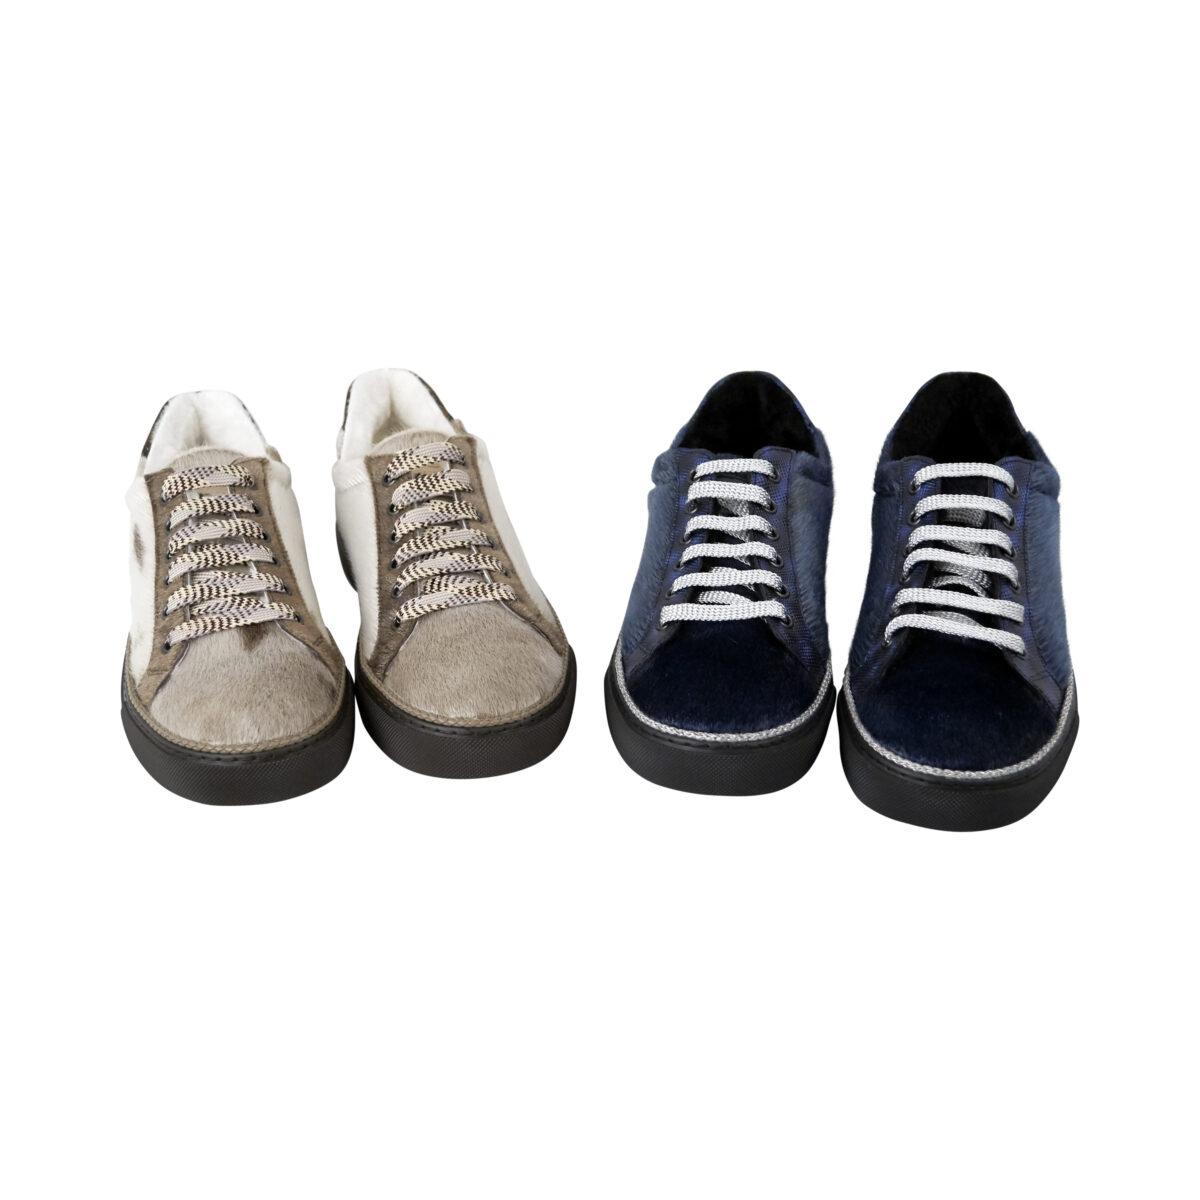 sko i sælskind